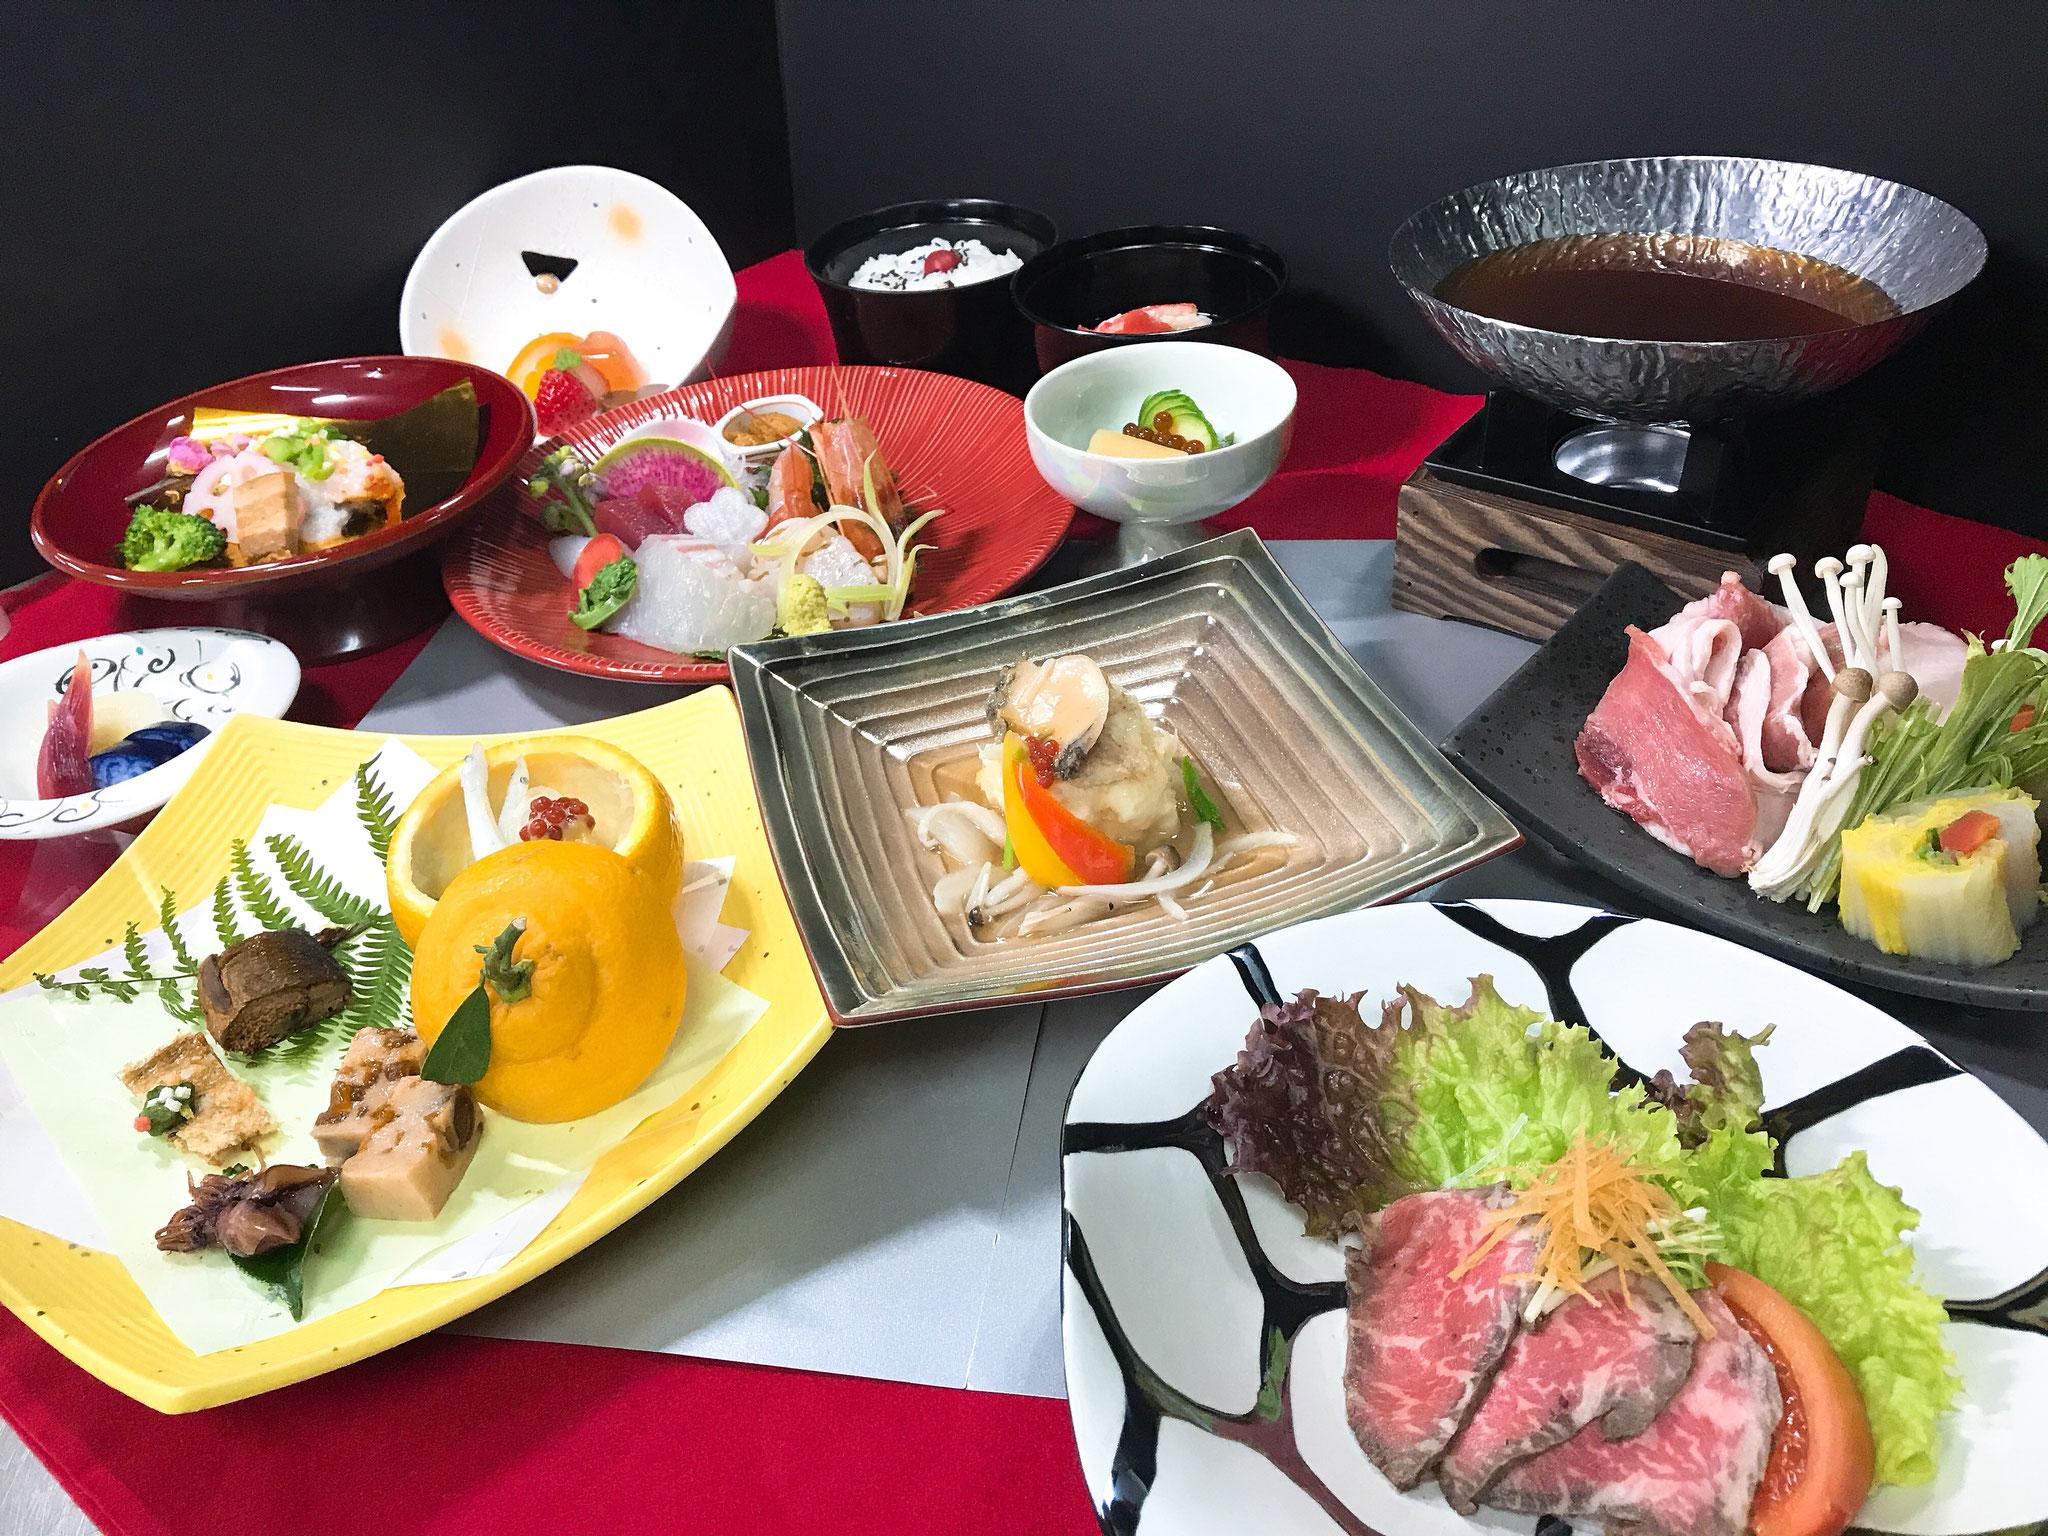 会席料理 菜の花 8000円